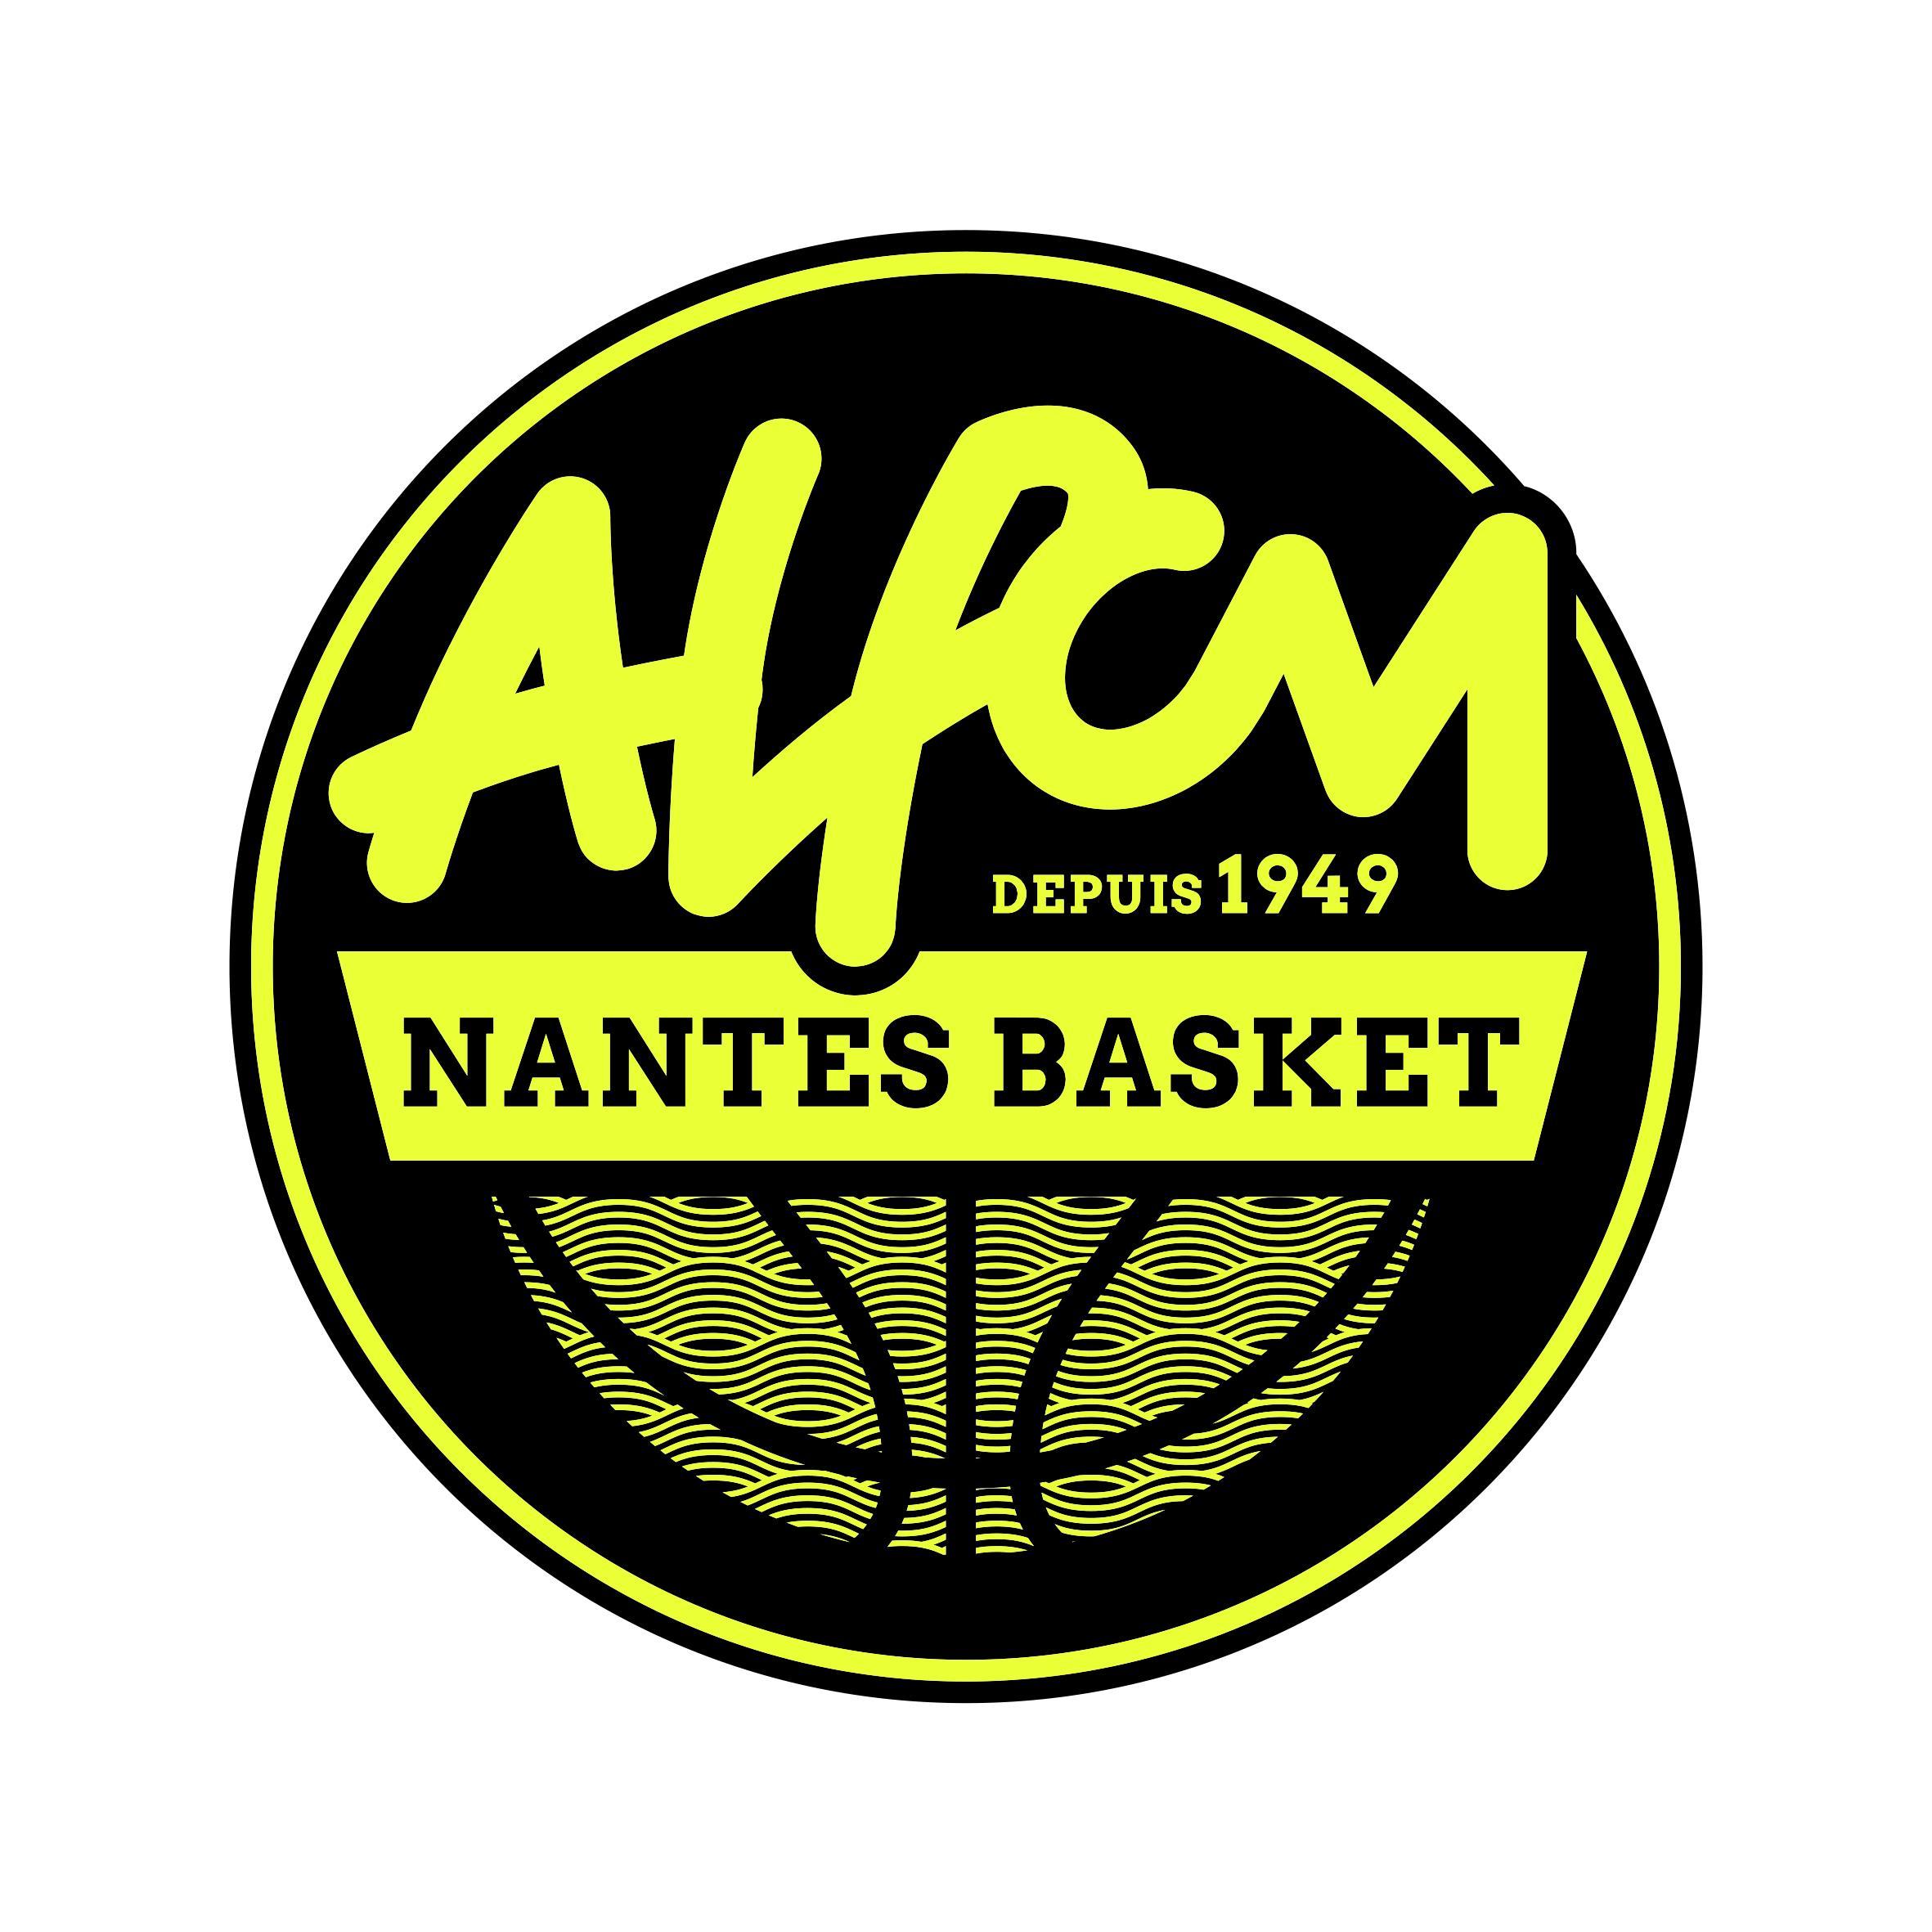 ALPCM Nantes Basket